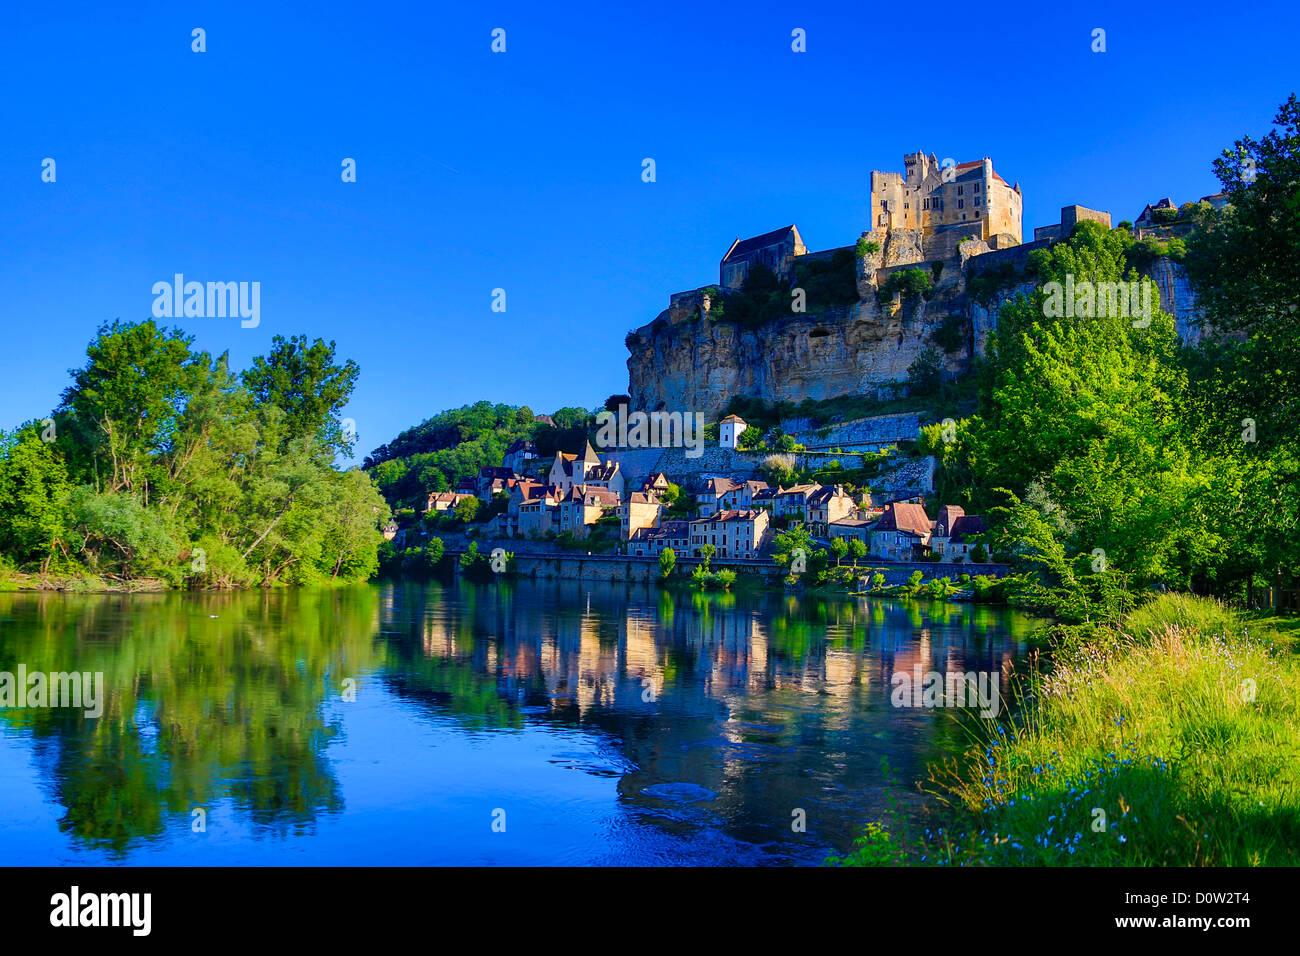 France, Europe, voyage, Dordogne, Beynac, architecture, paysage, château, cité médiévale, matin, Photo Stock